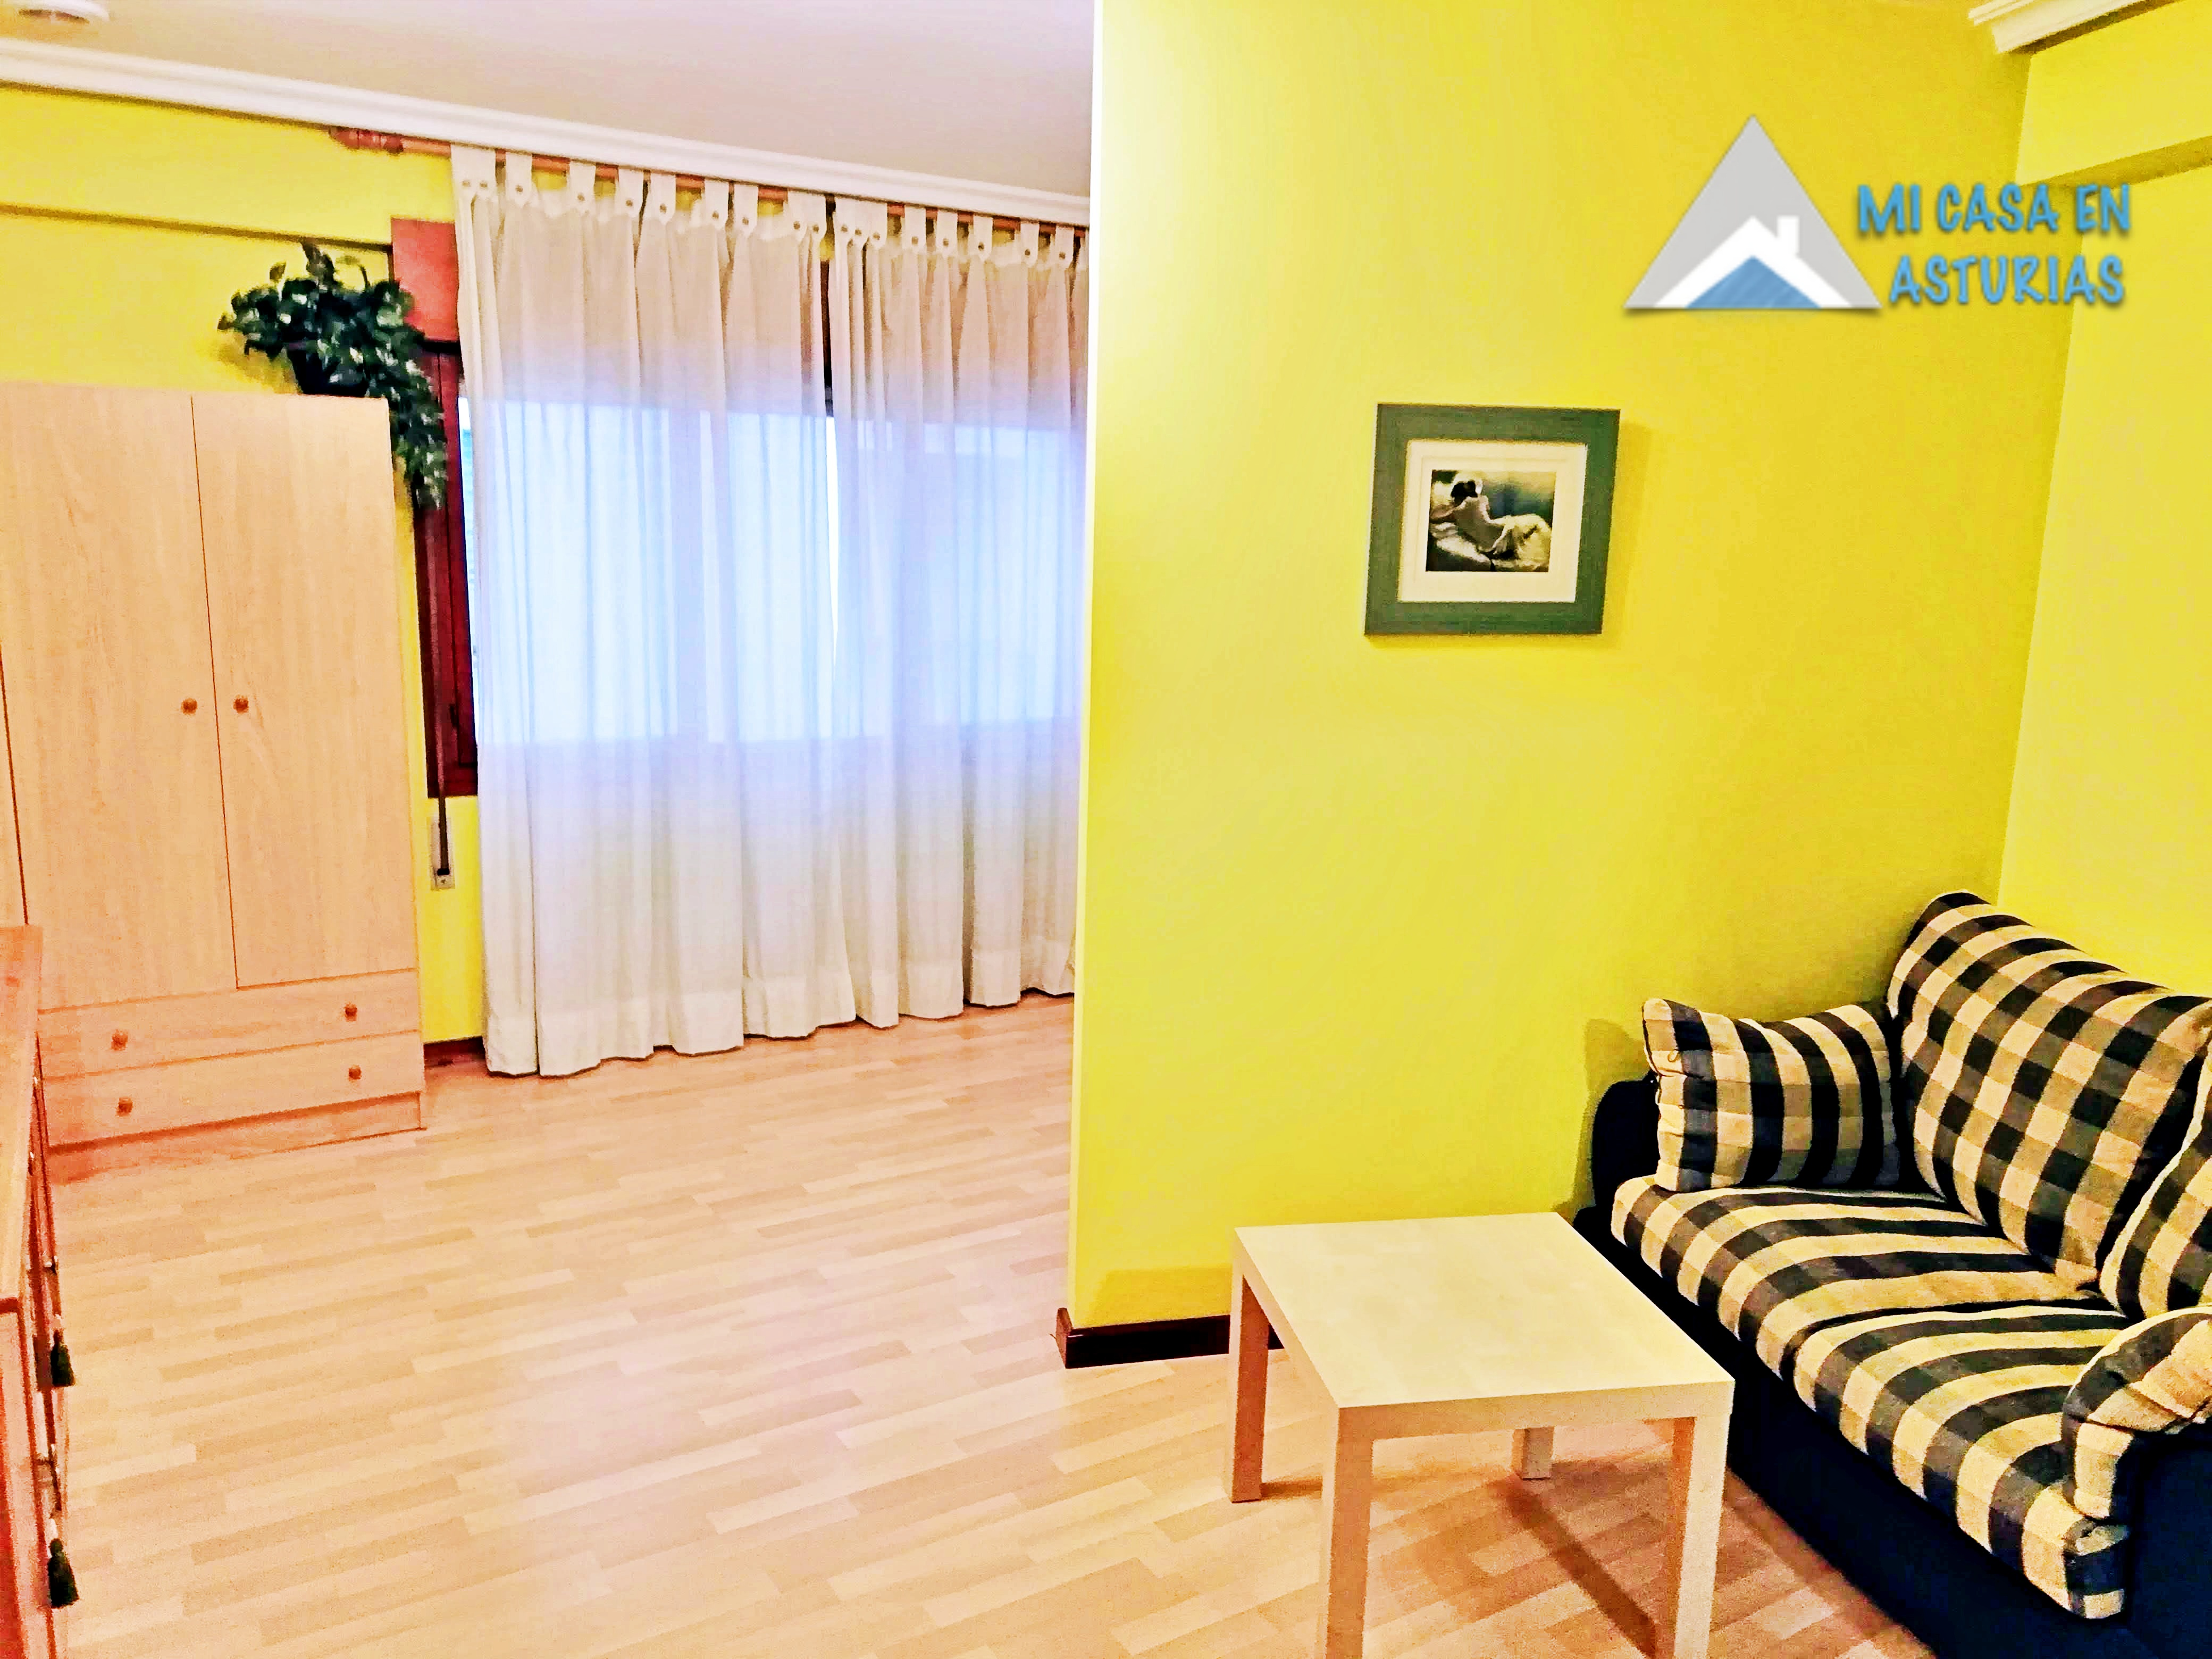 Estudio / Loft en venta en Primo de Rivera, Oviedo